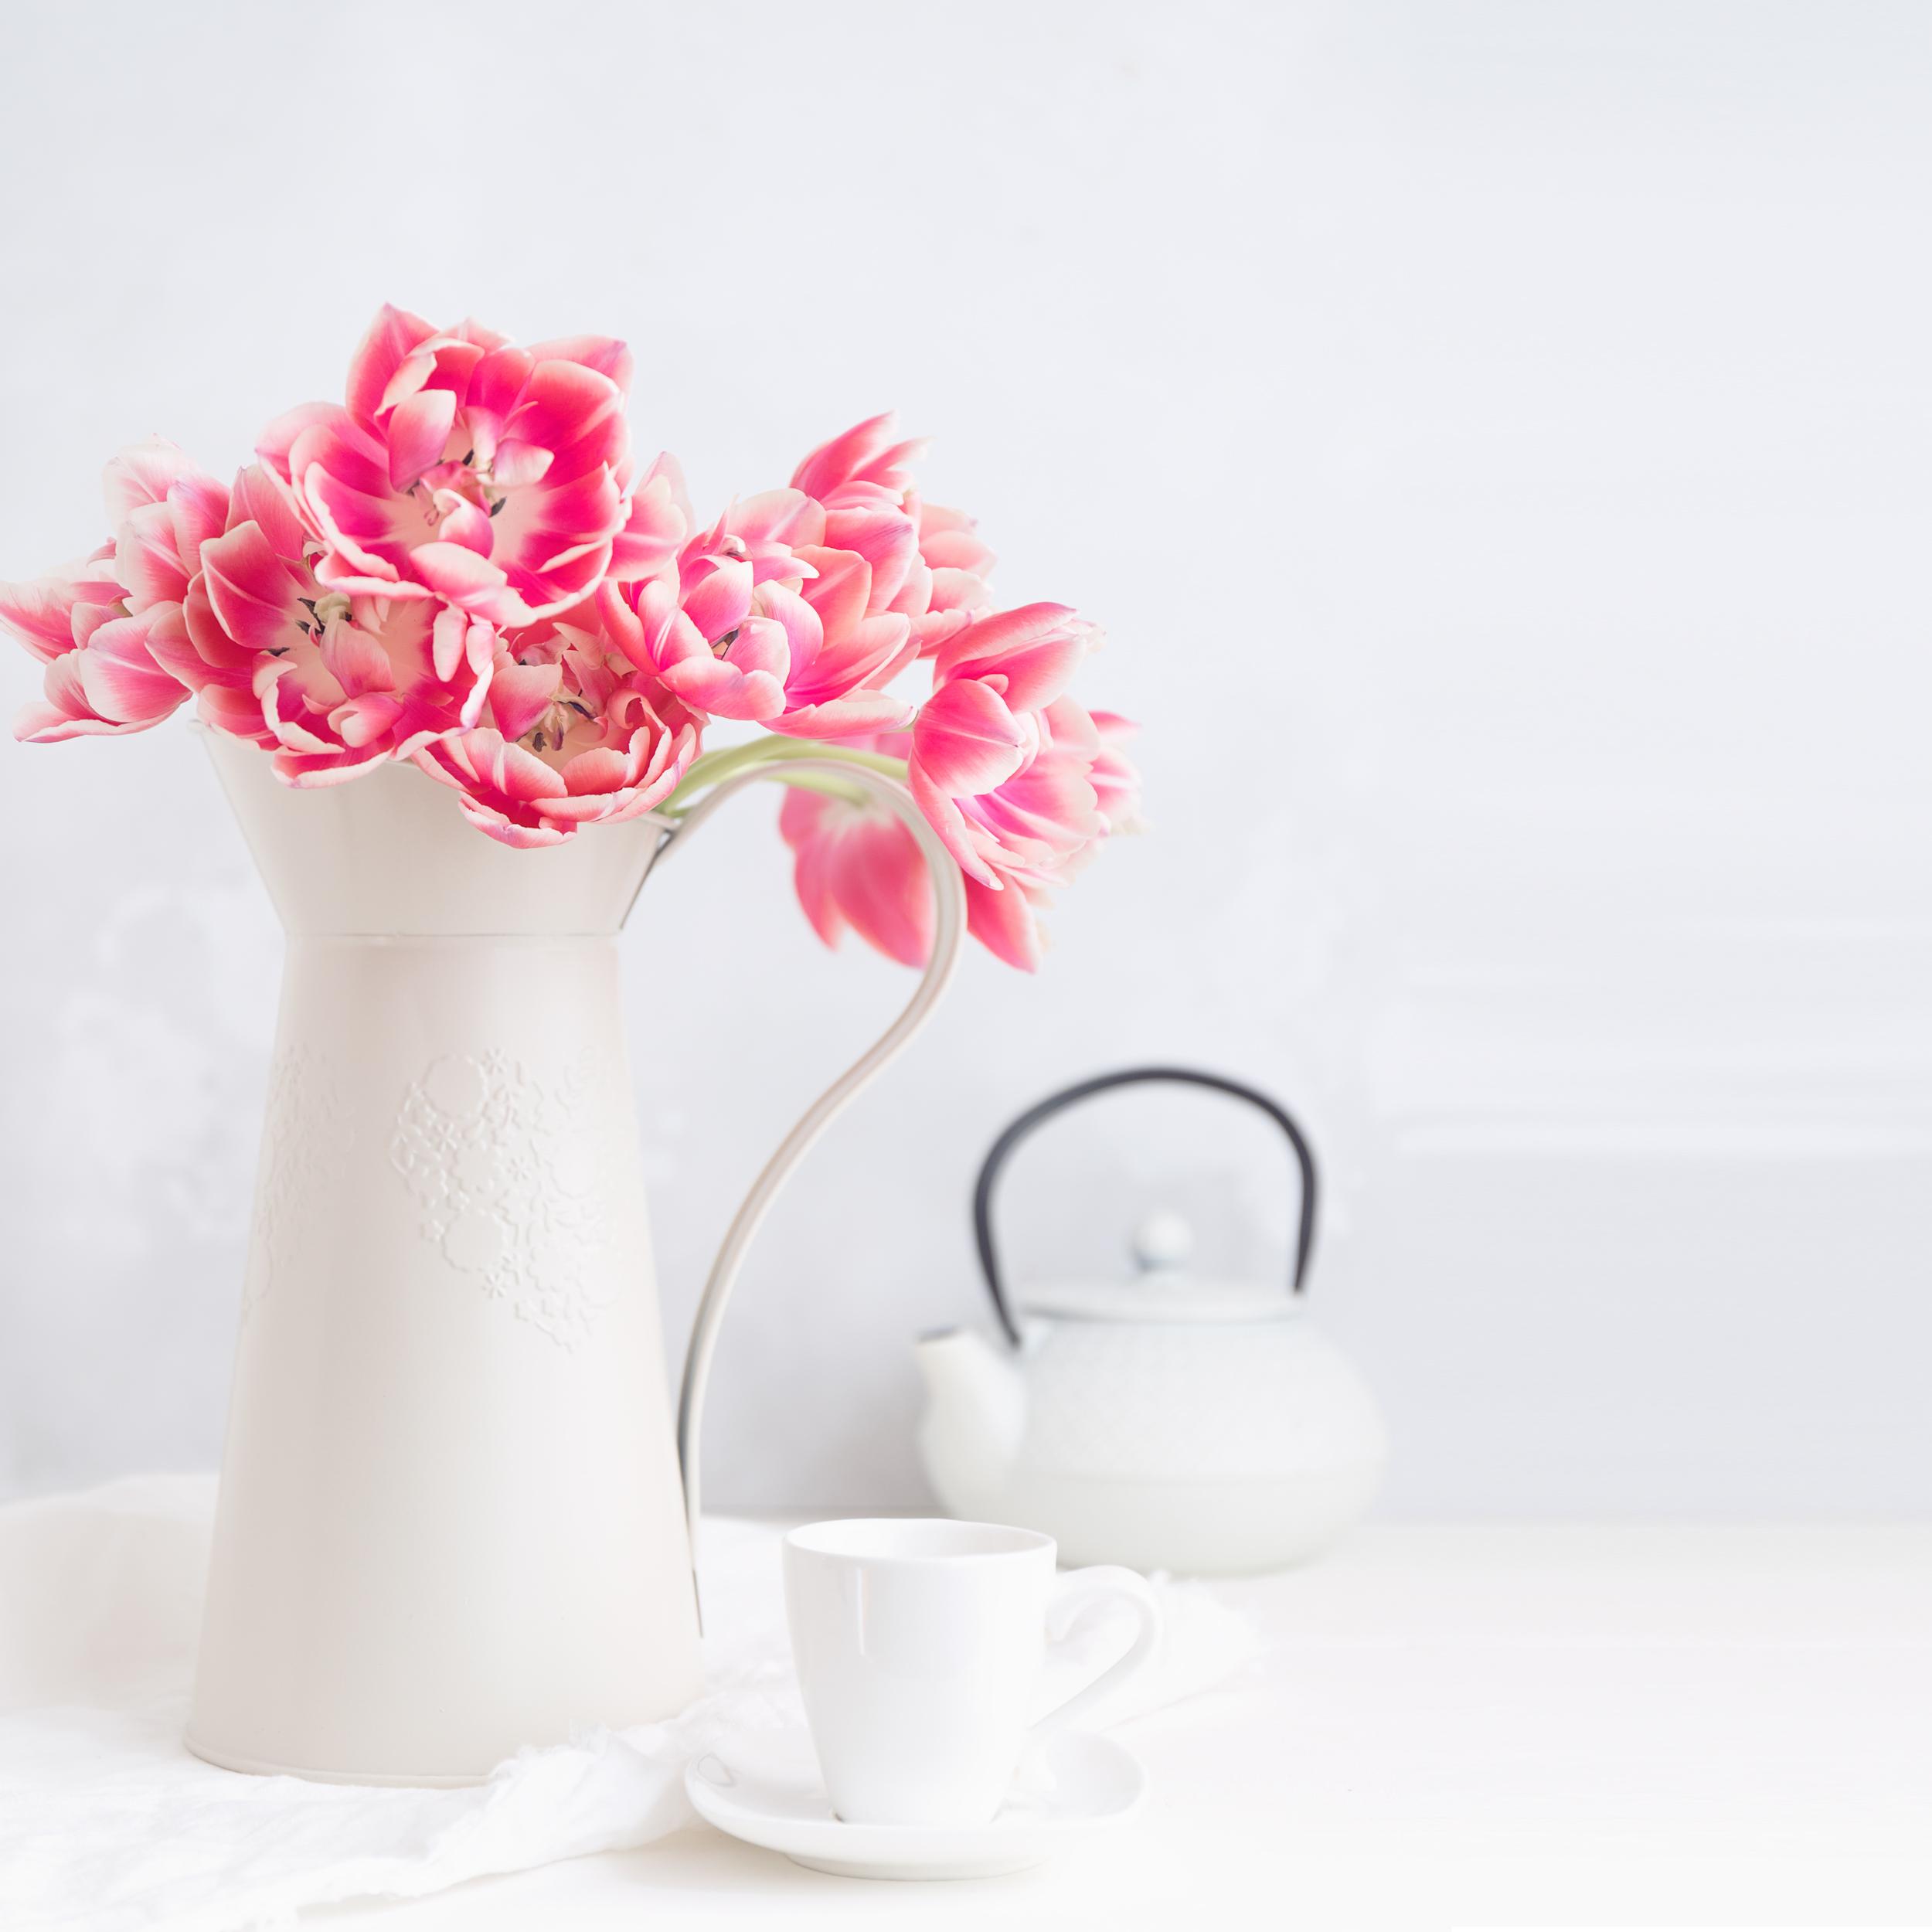 Tulips_Teapot_Jug_-7152_Square.jpg